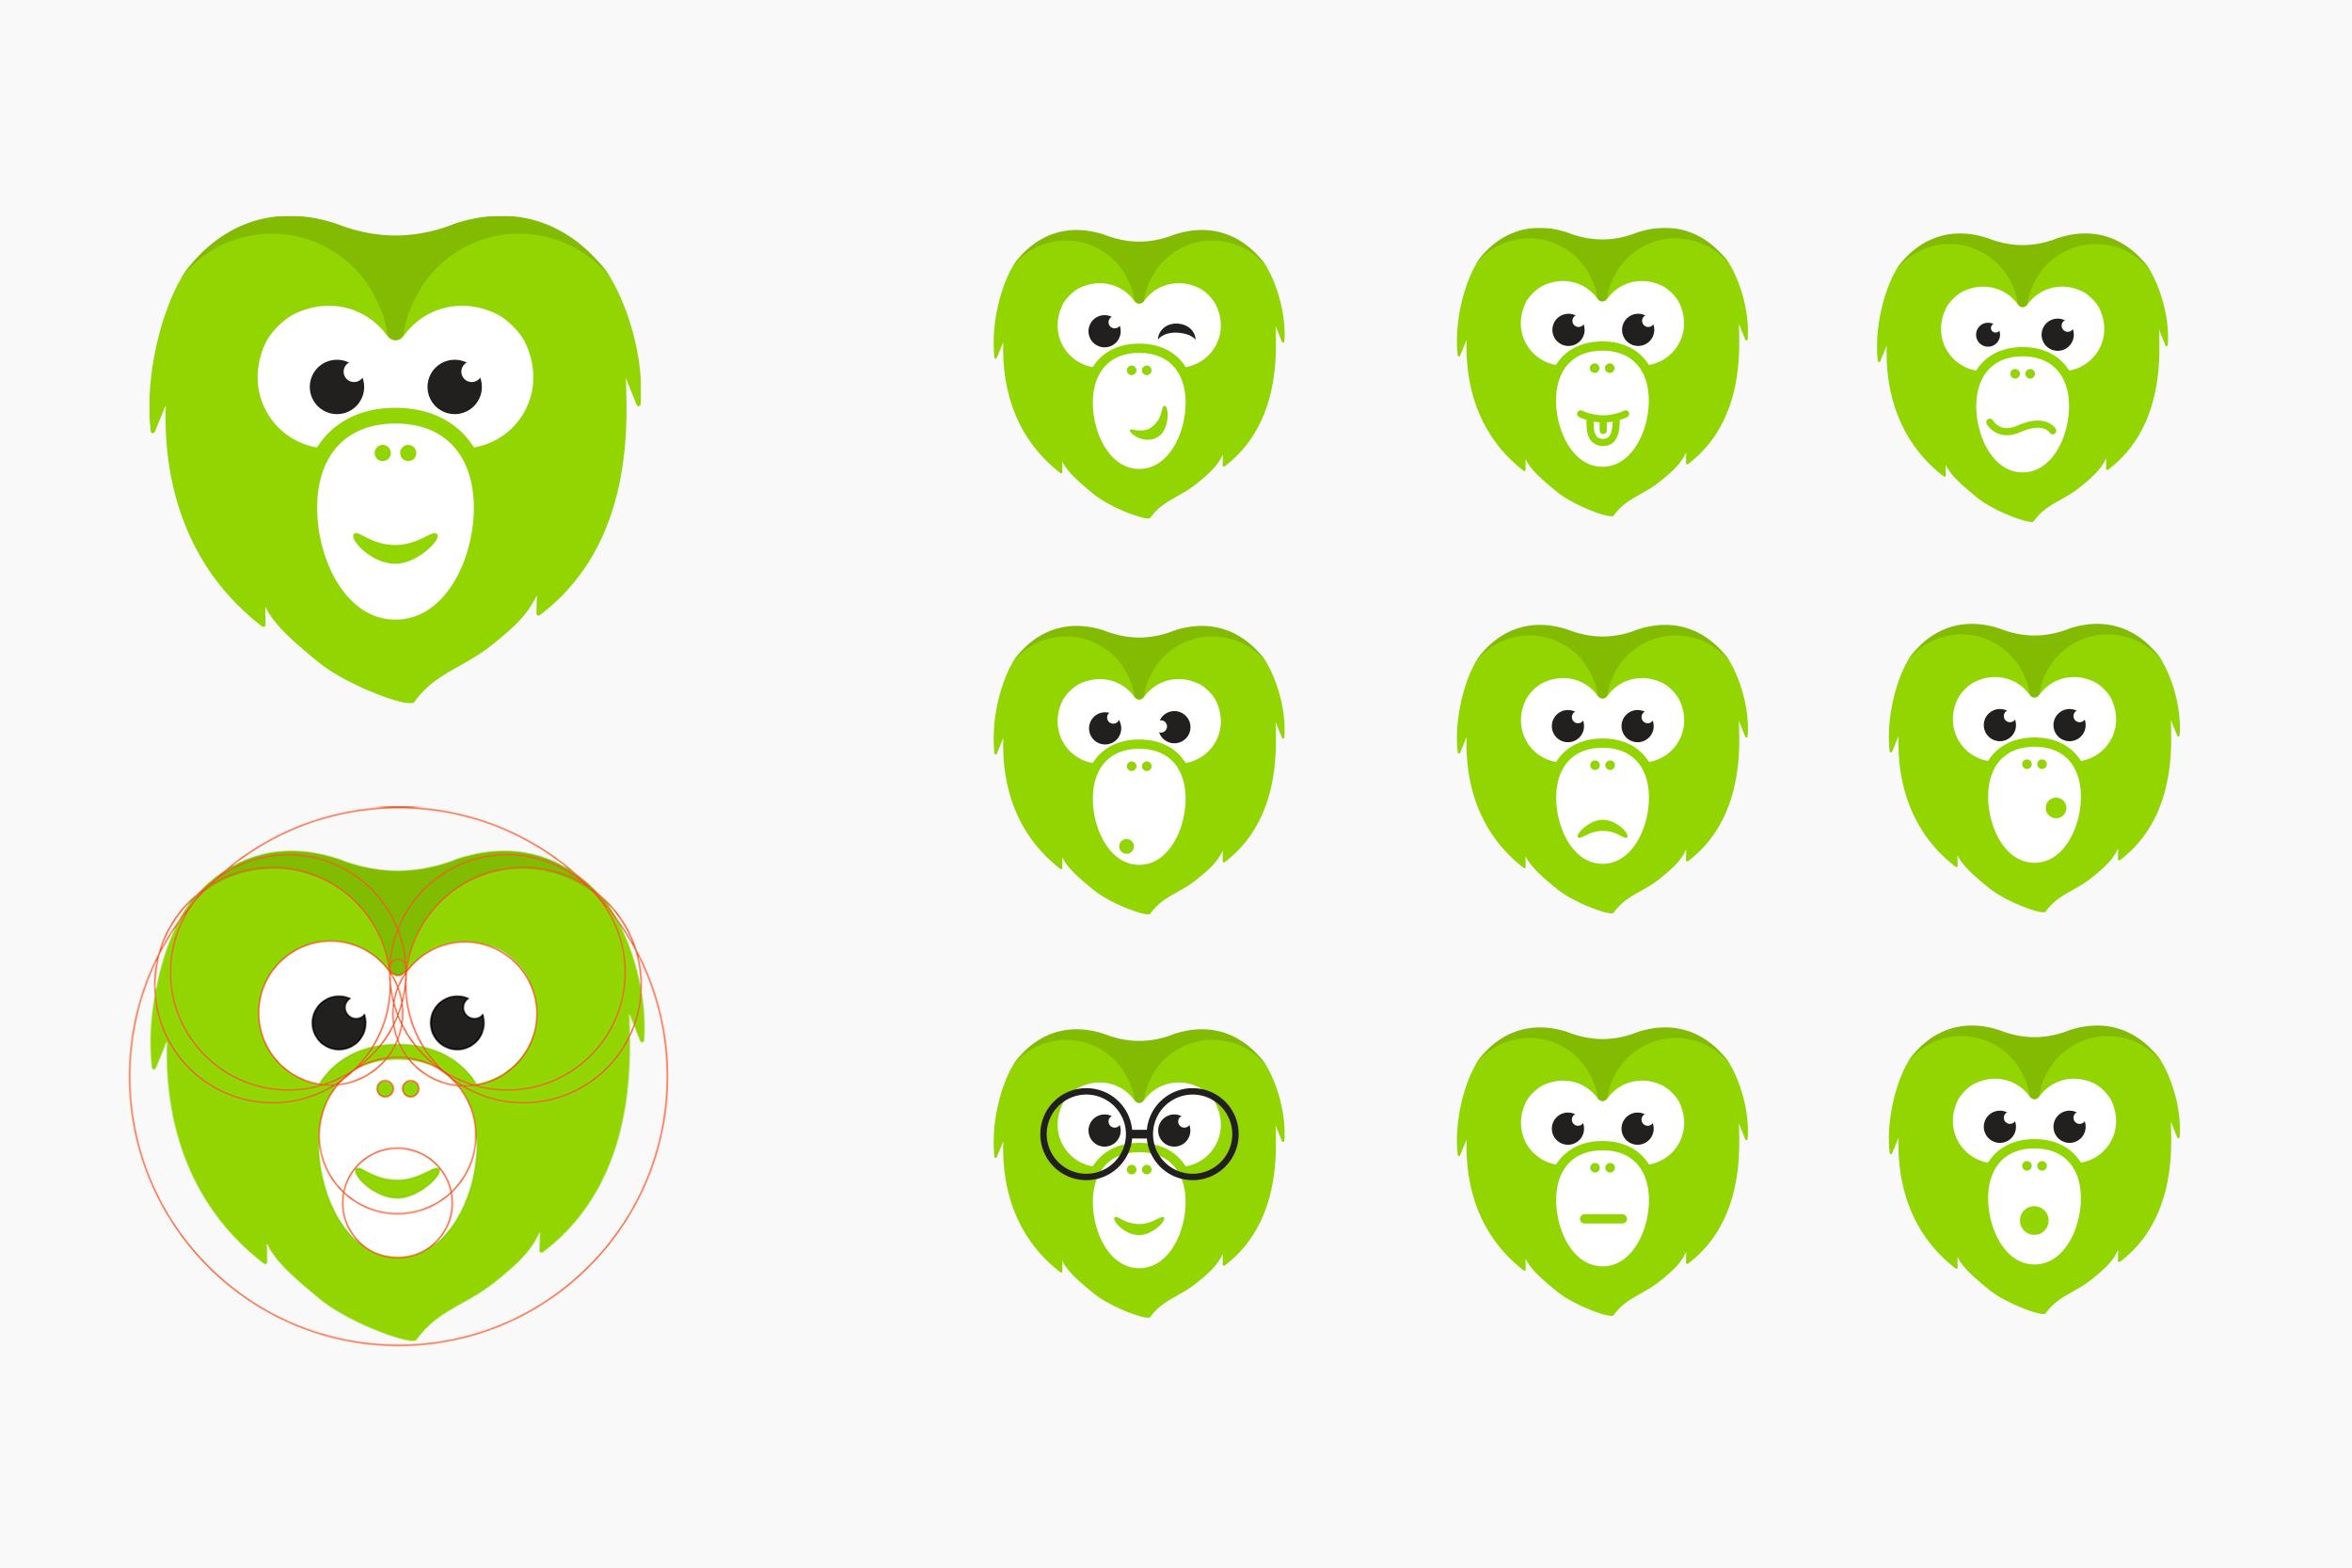 Wanderu's mascot Chiku • expression kit design